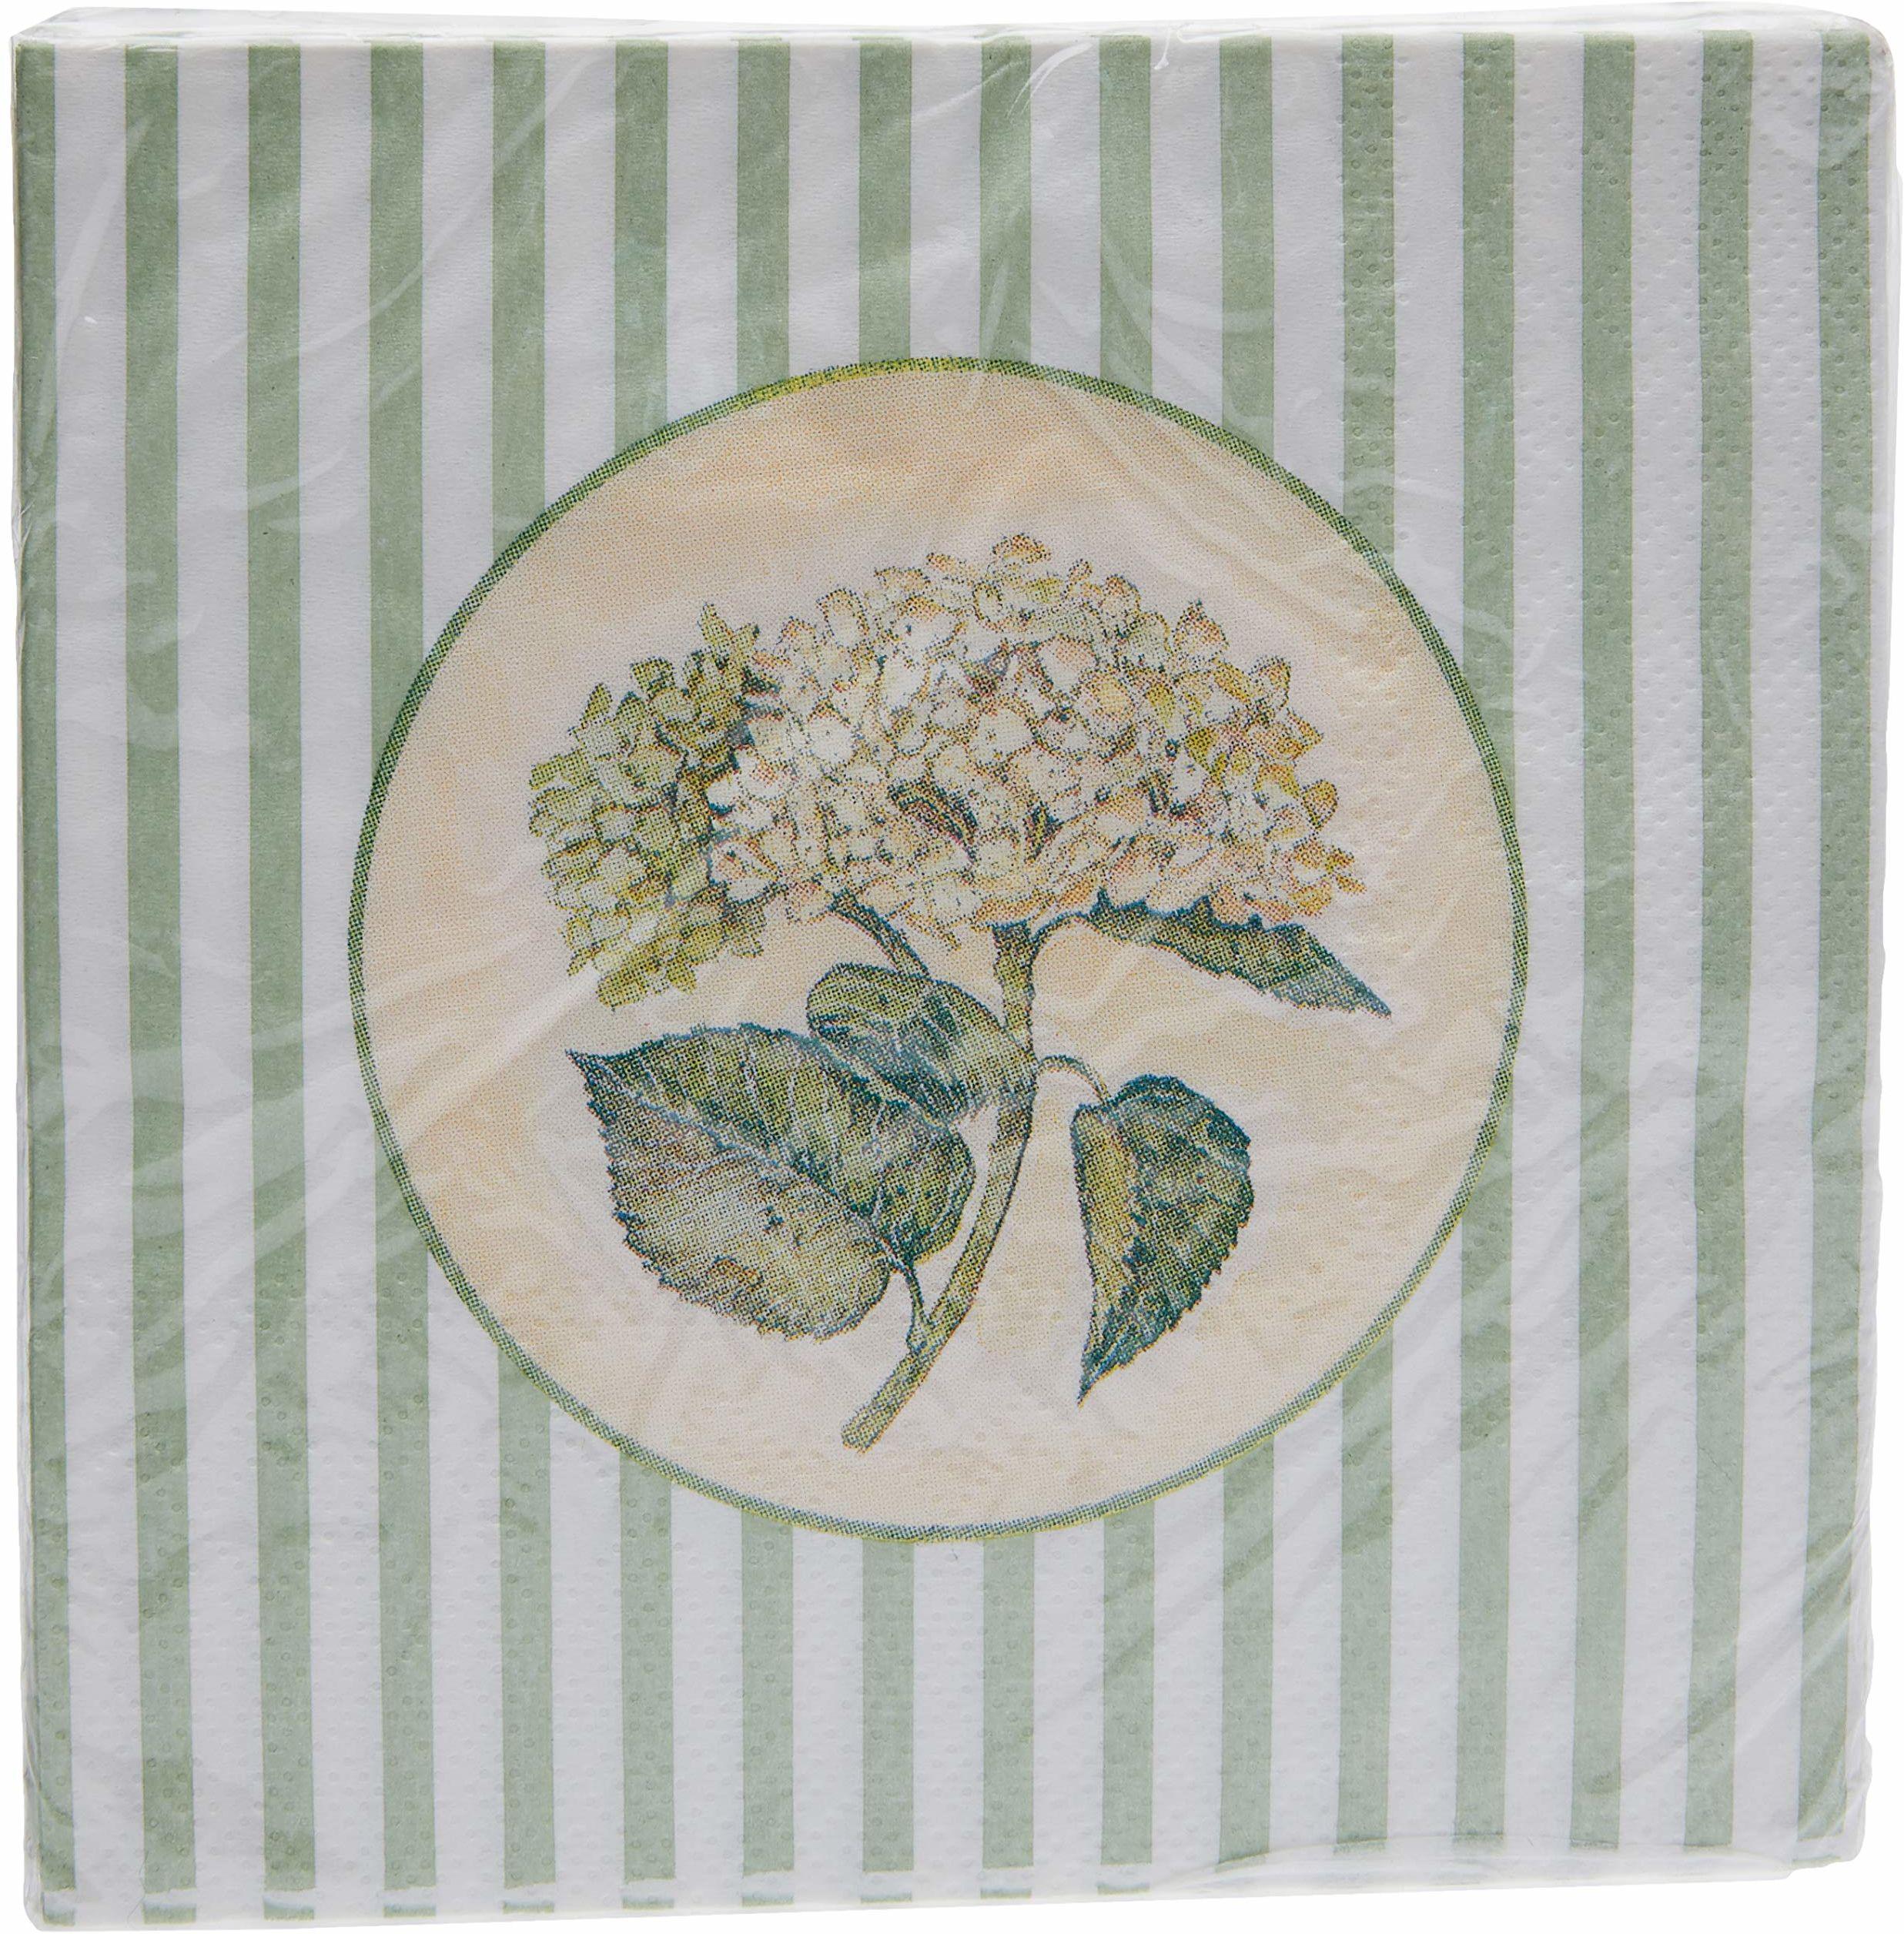 Better & Best małe serwetki z masy celulozowej hortensja, zielone, wymiary: 12,5 x 12,5 x 1,5 cm